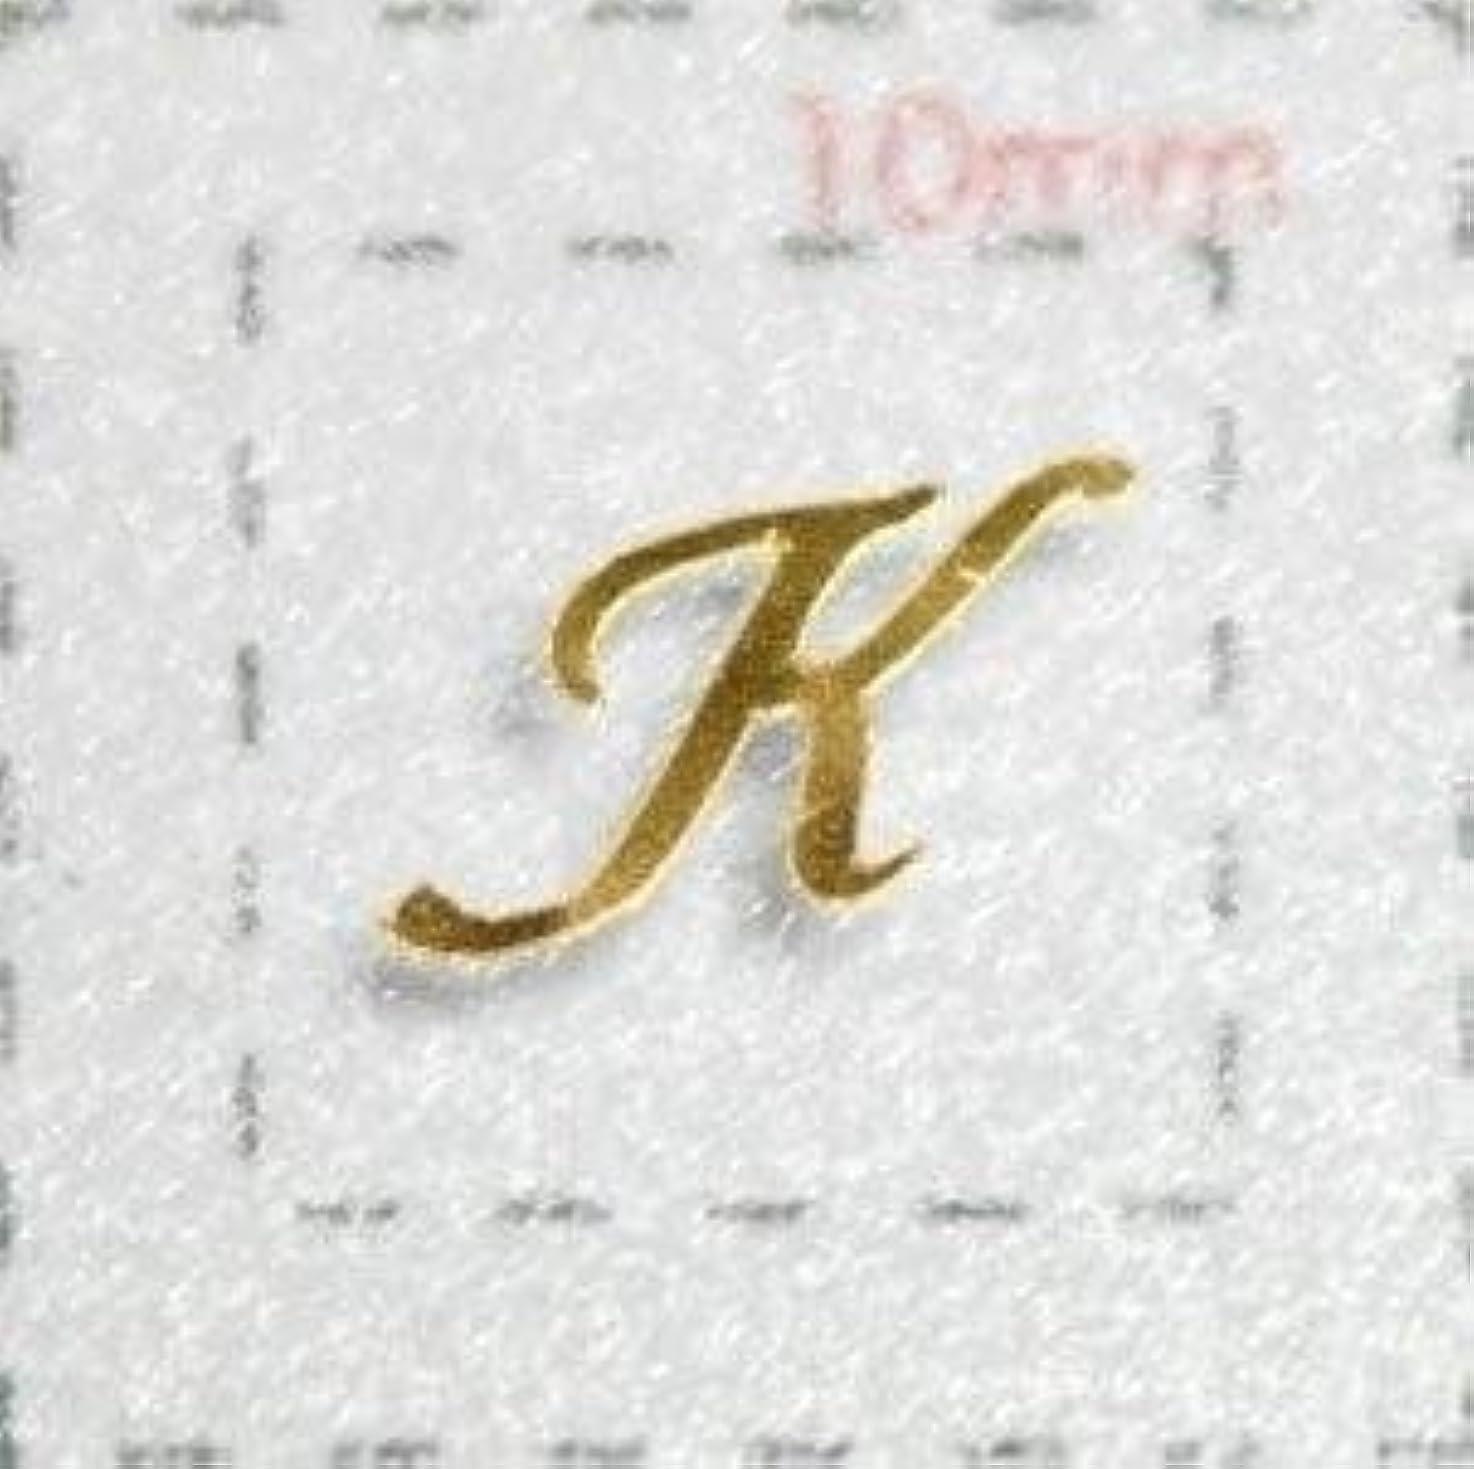 シールド無関心埋め込むNameネイルシール【アルファベット?イニシャル】大文字ゴールド( K )1シート9枚入